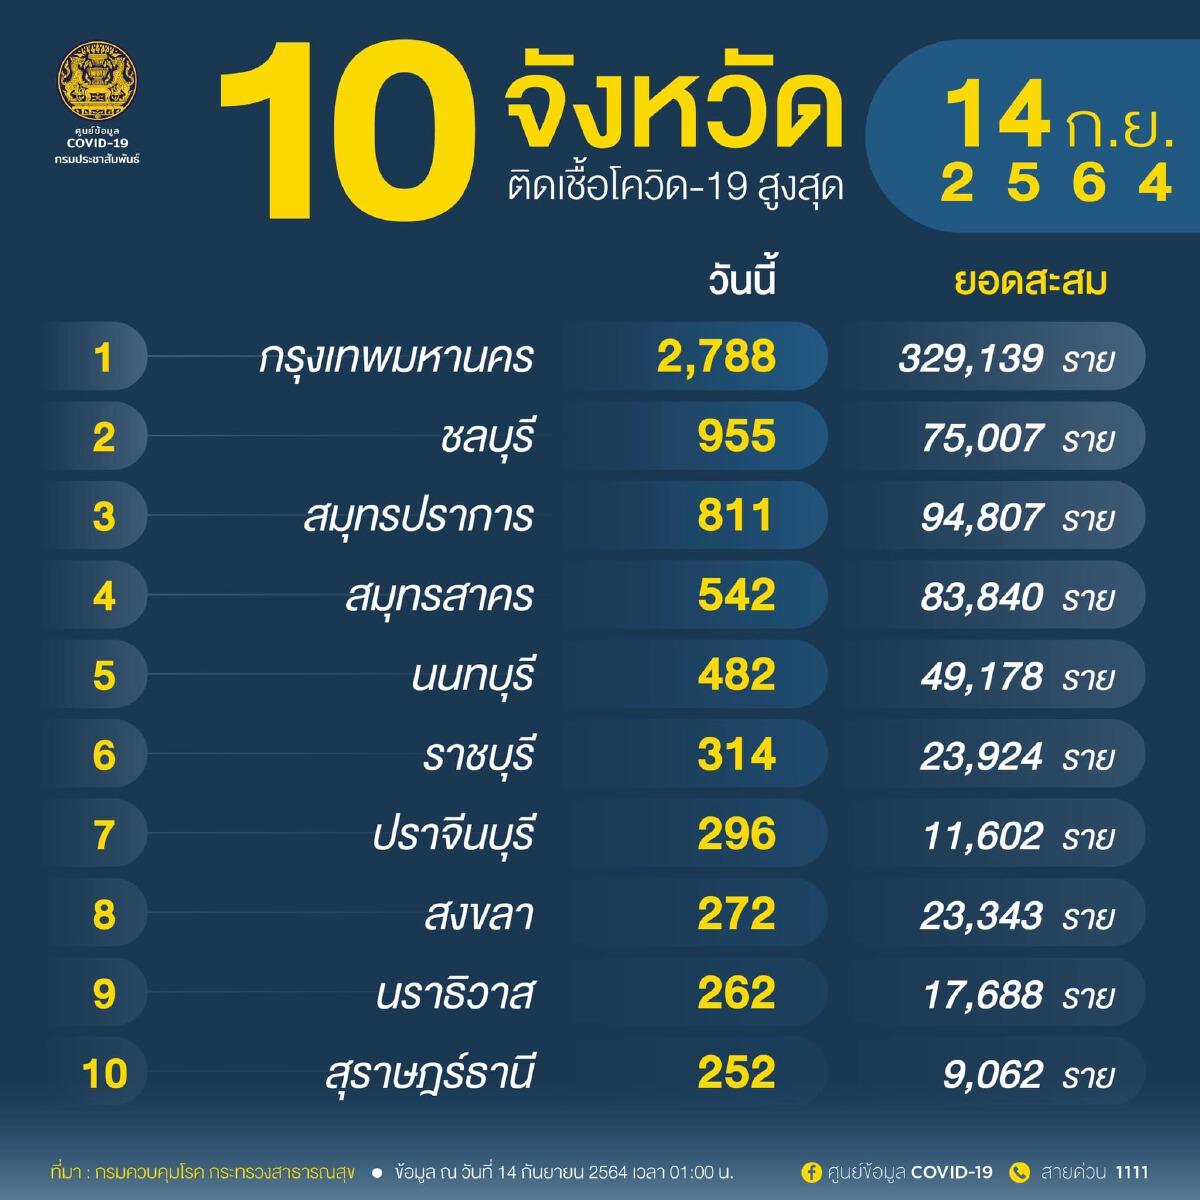 อัพเดท โควิดวันนี้ 10 จังหวัดติดเชื้อสูงสุด กทม.-ปริมณฑล 4,860 จับตาชลบุรี สมุทรปราการ นนทบุรี